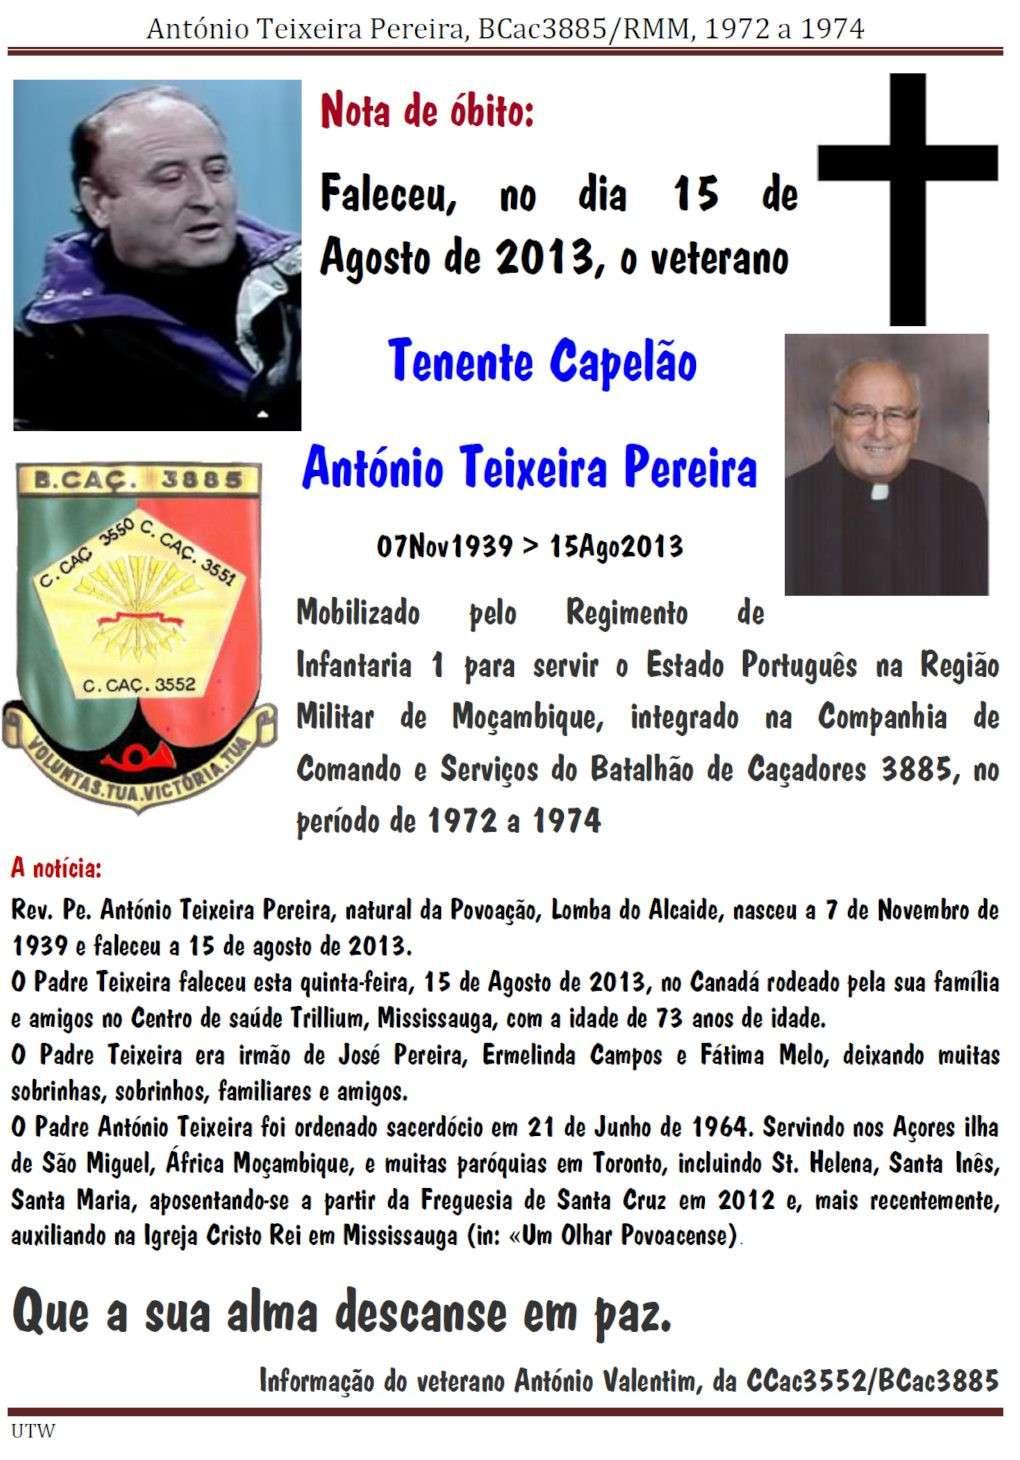 Faleceu o veterano António Teixeira Pereira, Tenente Capelão, da CCS/BCac3885 - 15Ago2013 Antoni11